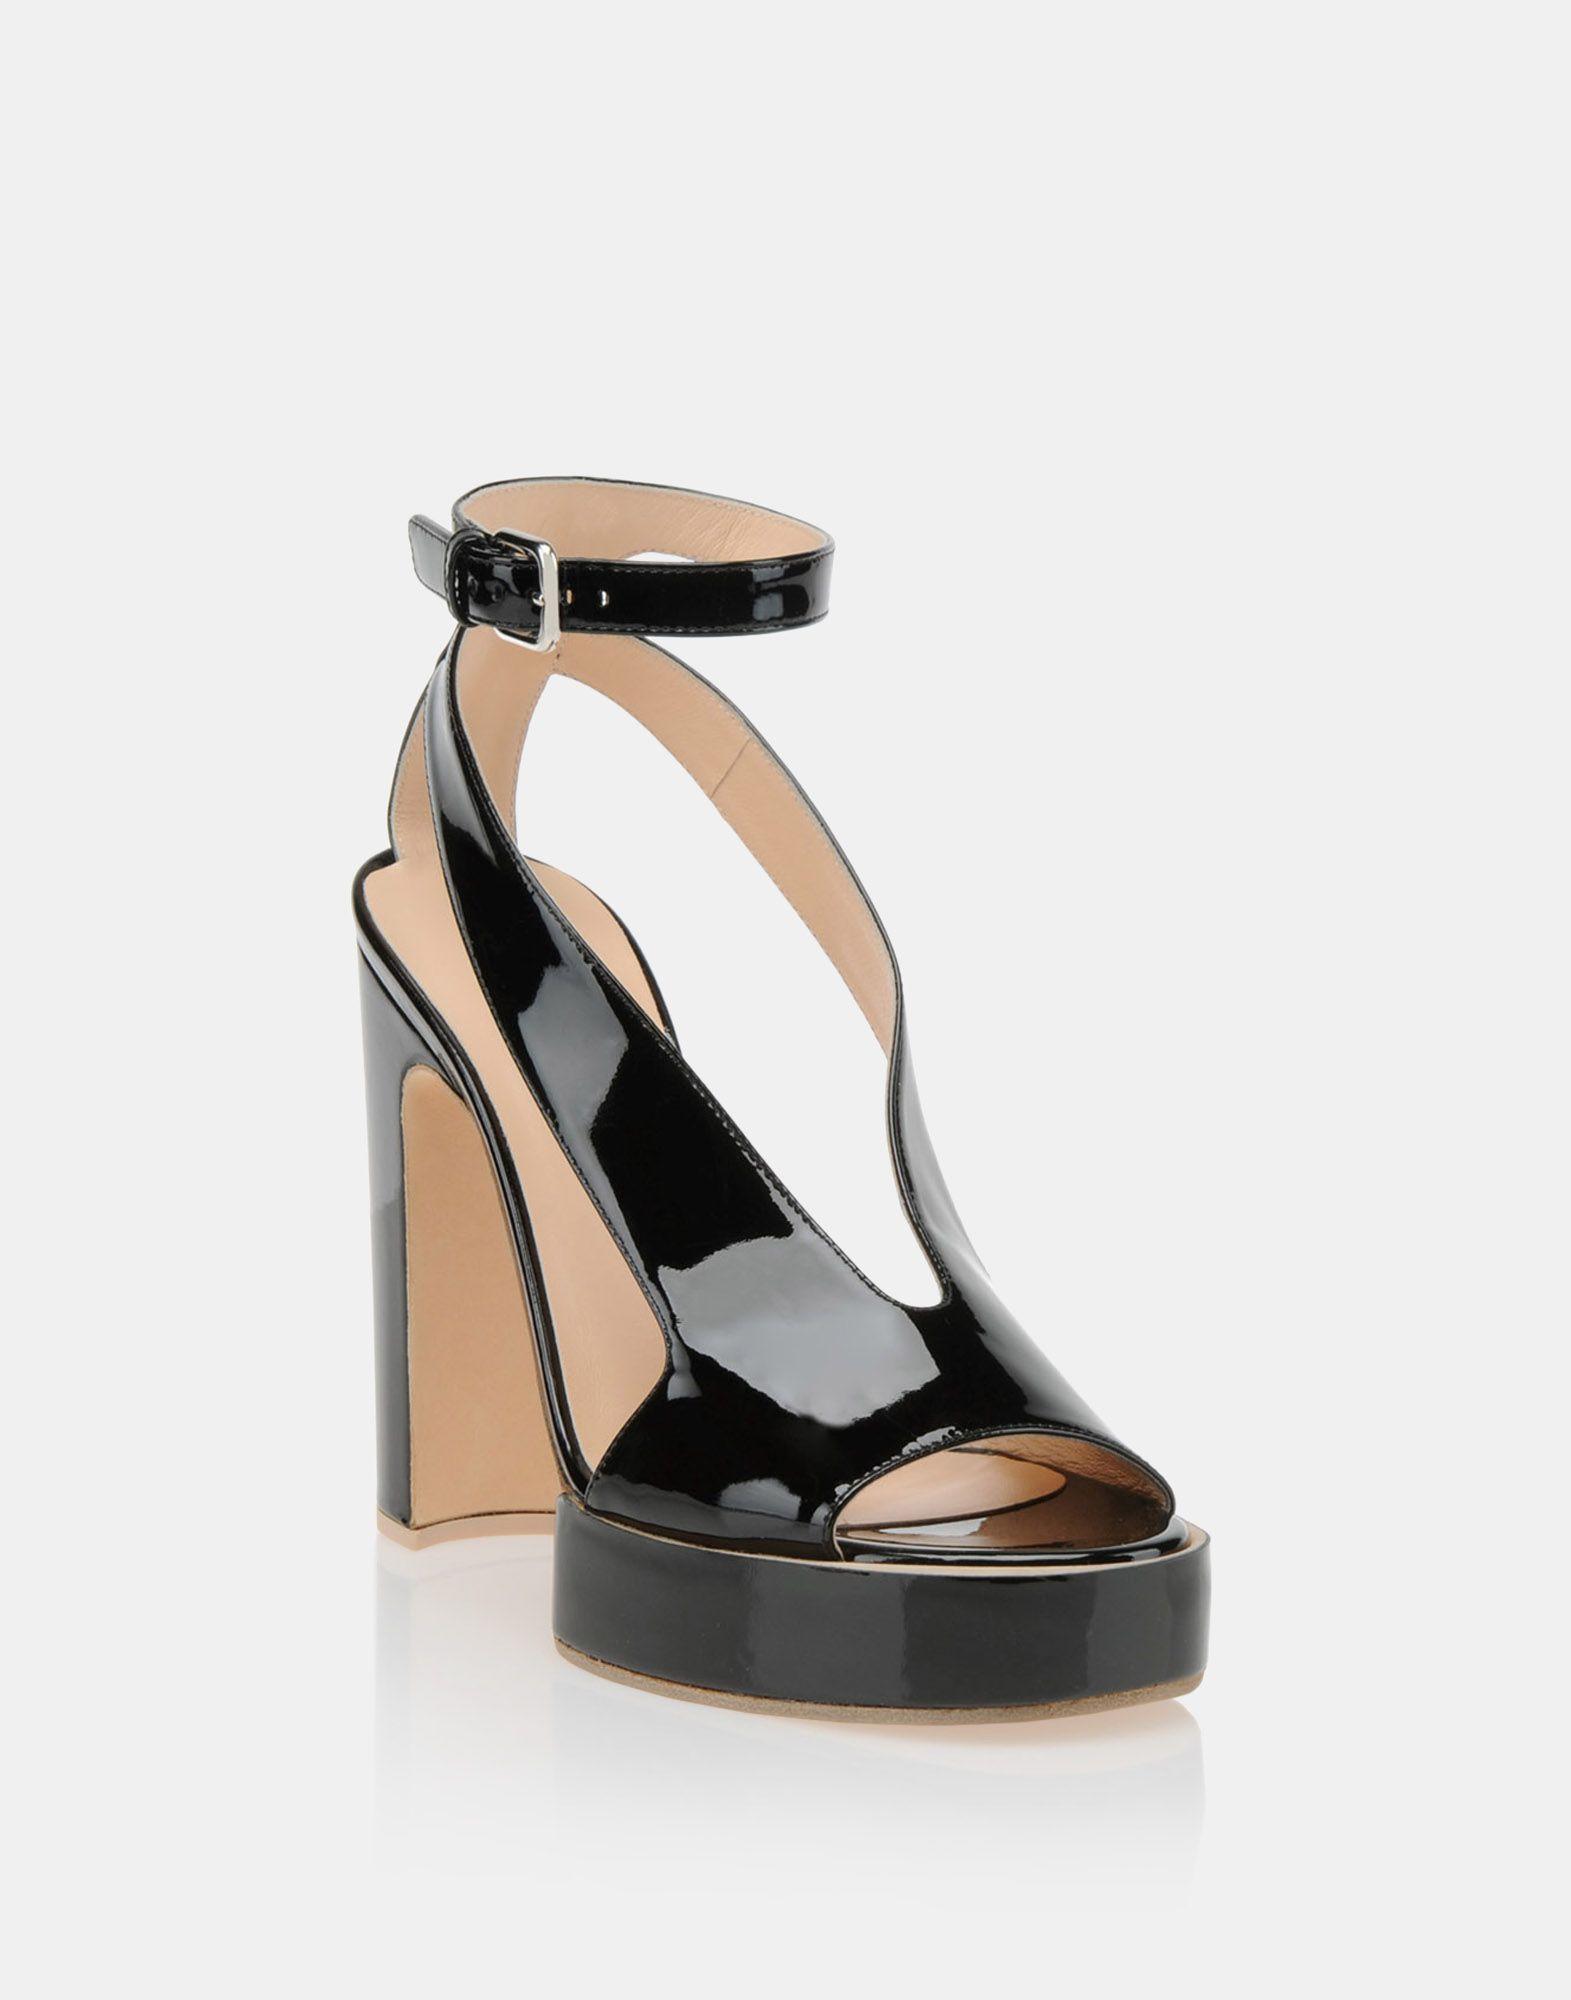 Jil-Sander-Spring-Summer-2014-Shoes-For-Women-2.jpg